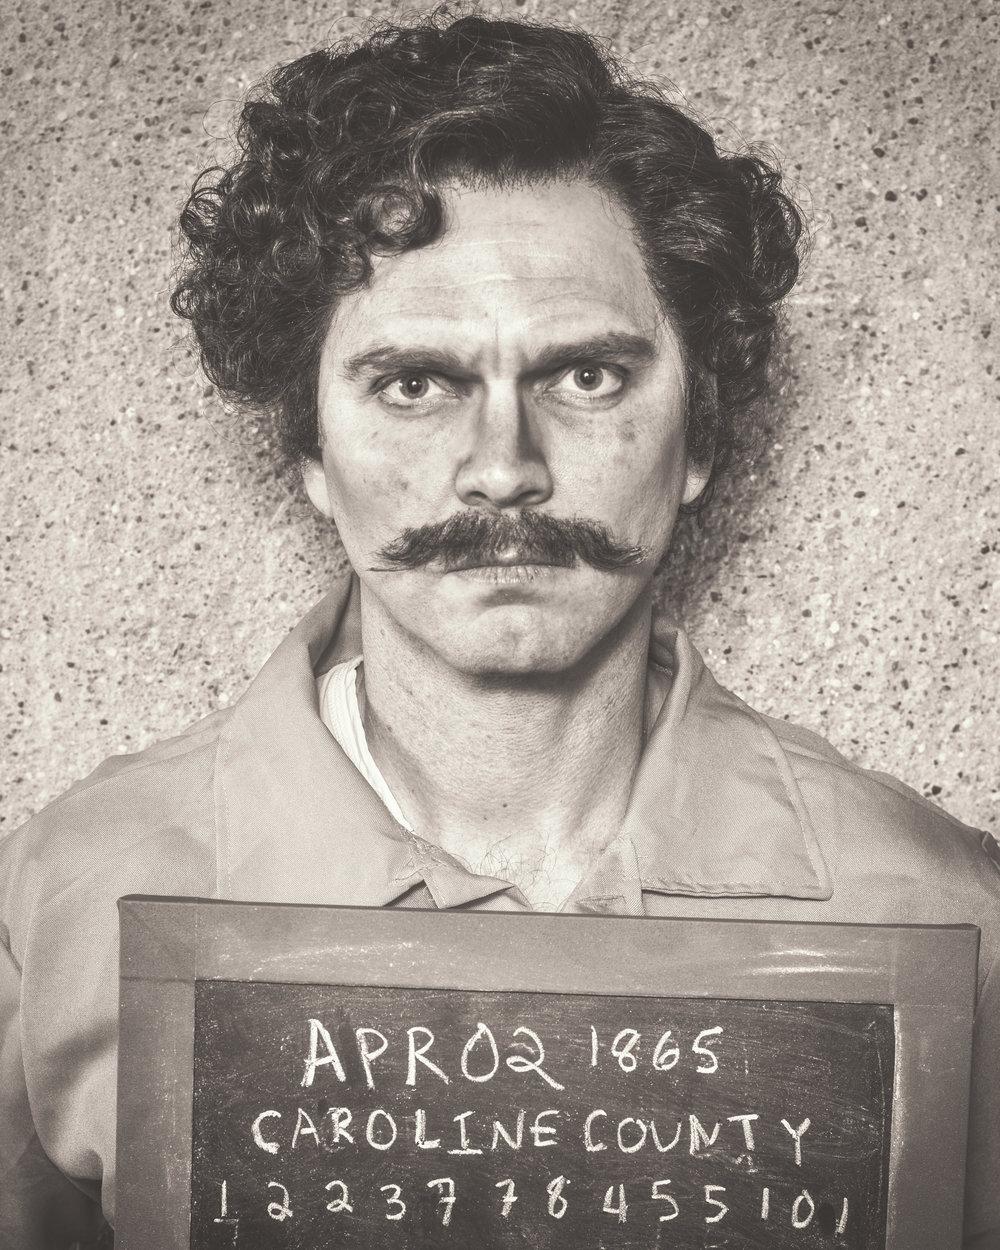 Dieter Bierbrauer as John Wilkes Booth, Photo by Allen Weeks